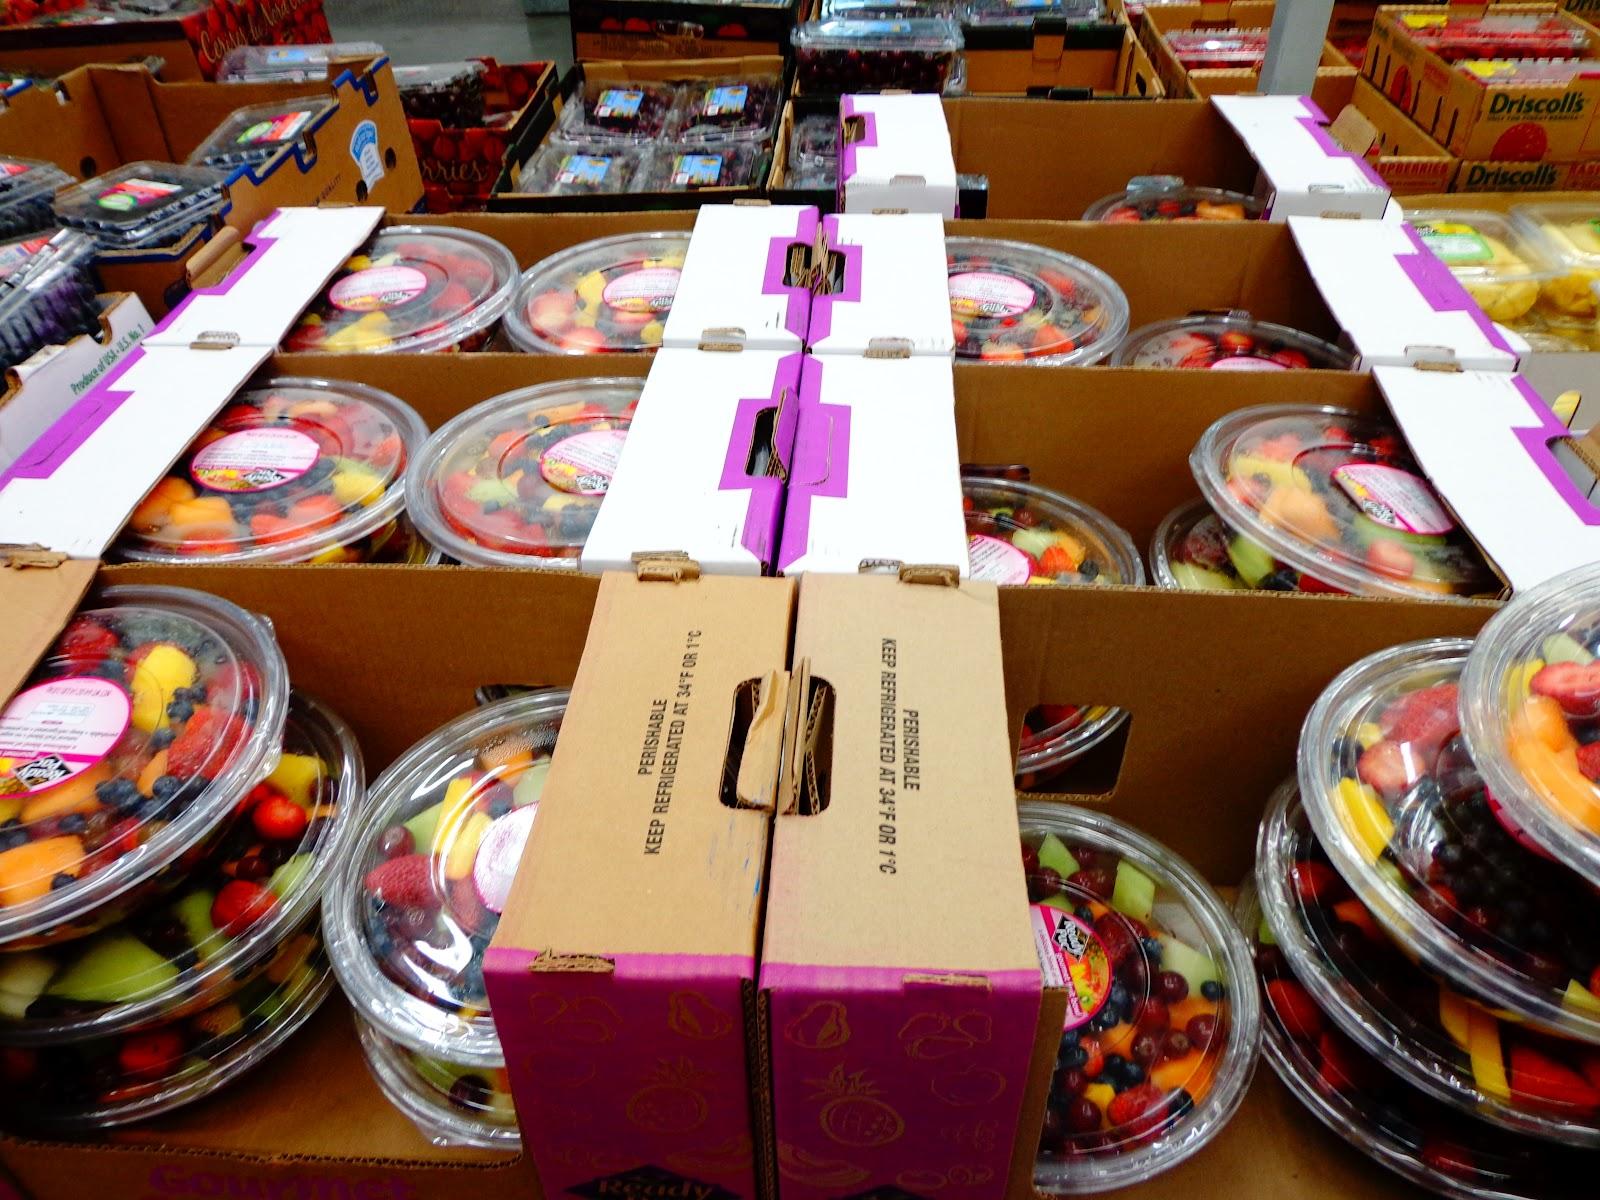 Costco fruit platter price canada